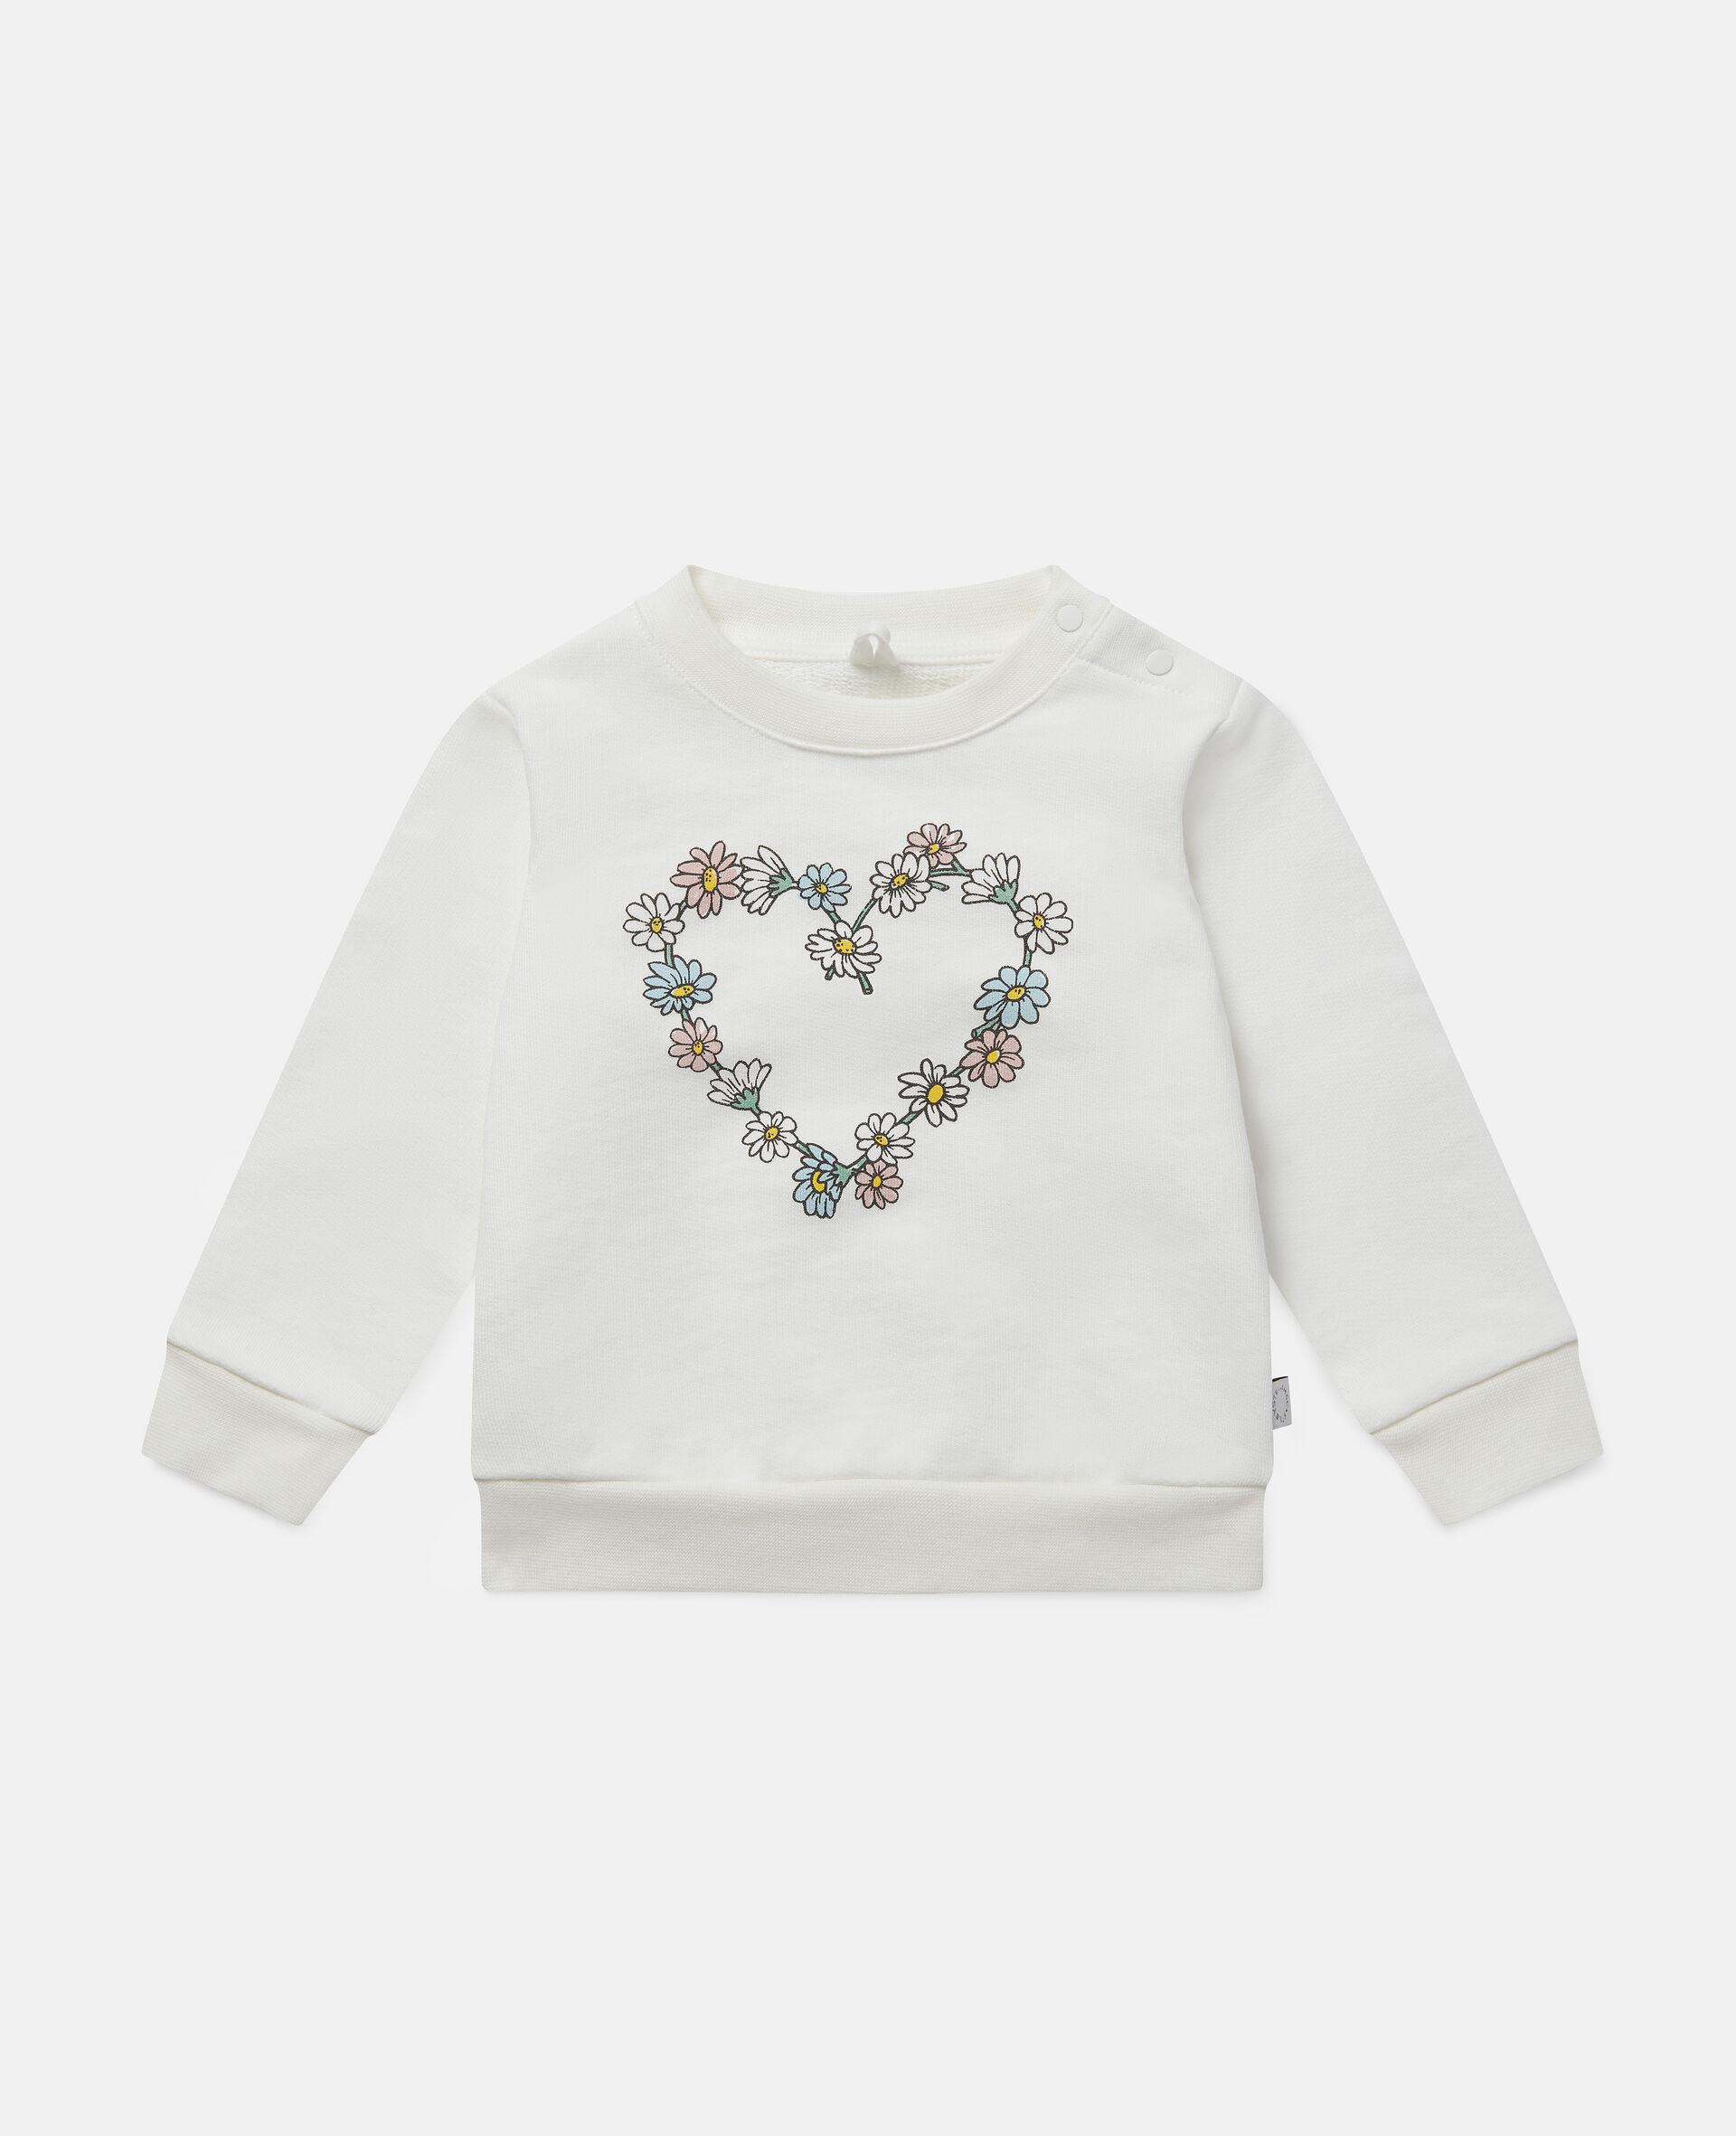 Baumwollfleece-Sweatshirt mit Gänseblümchenherz-Motiv -Weiß-large image number 0